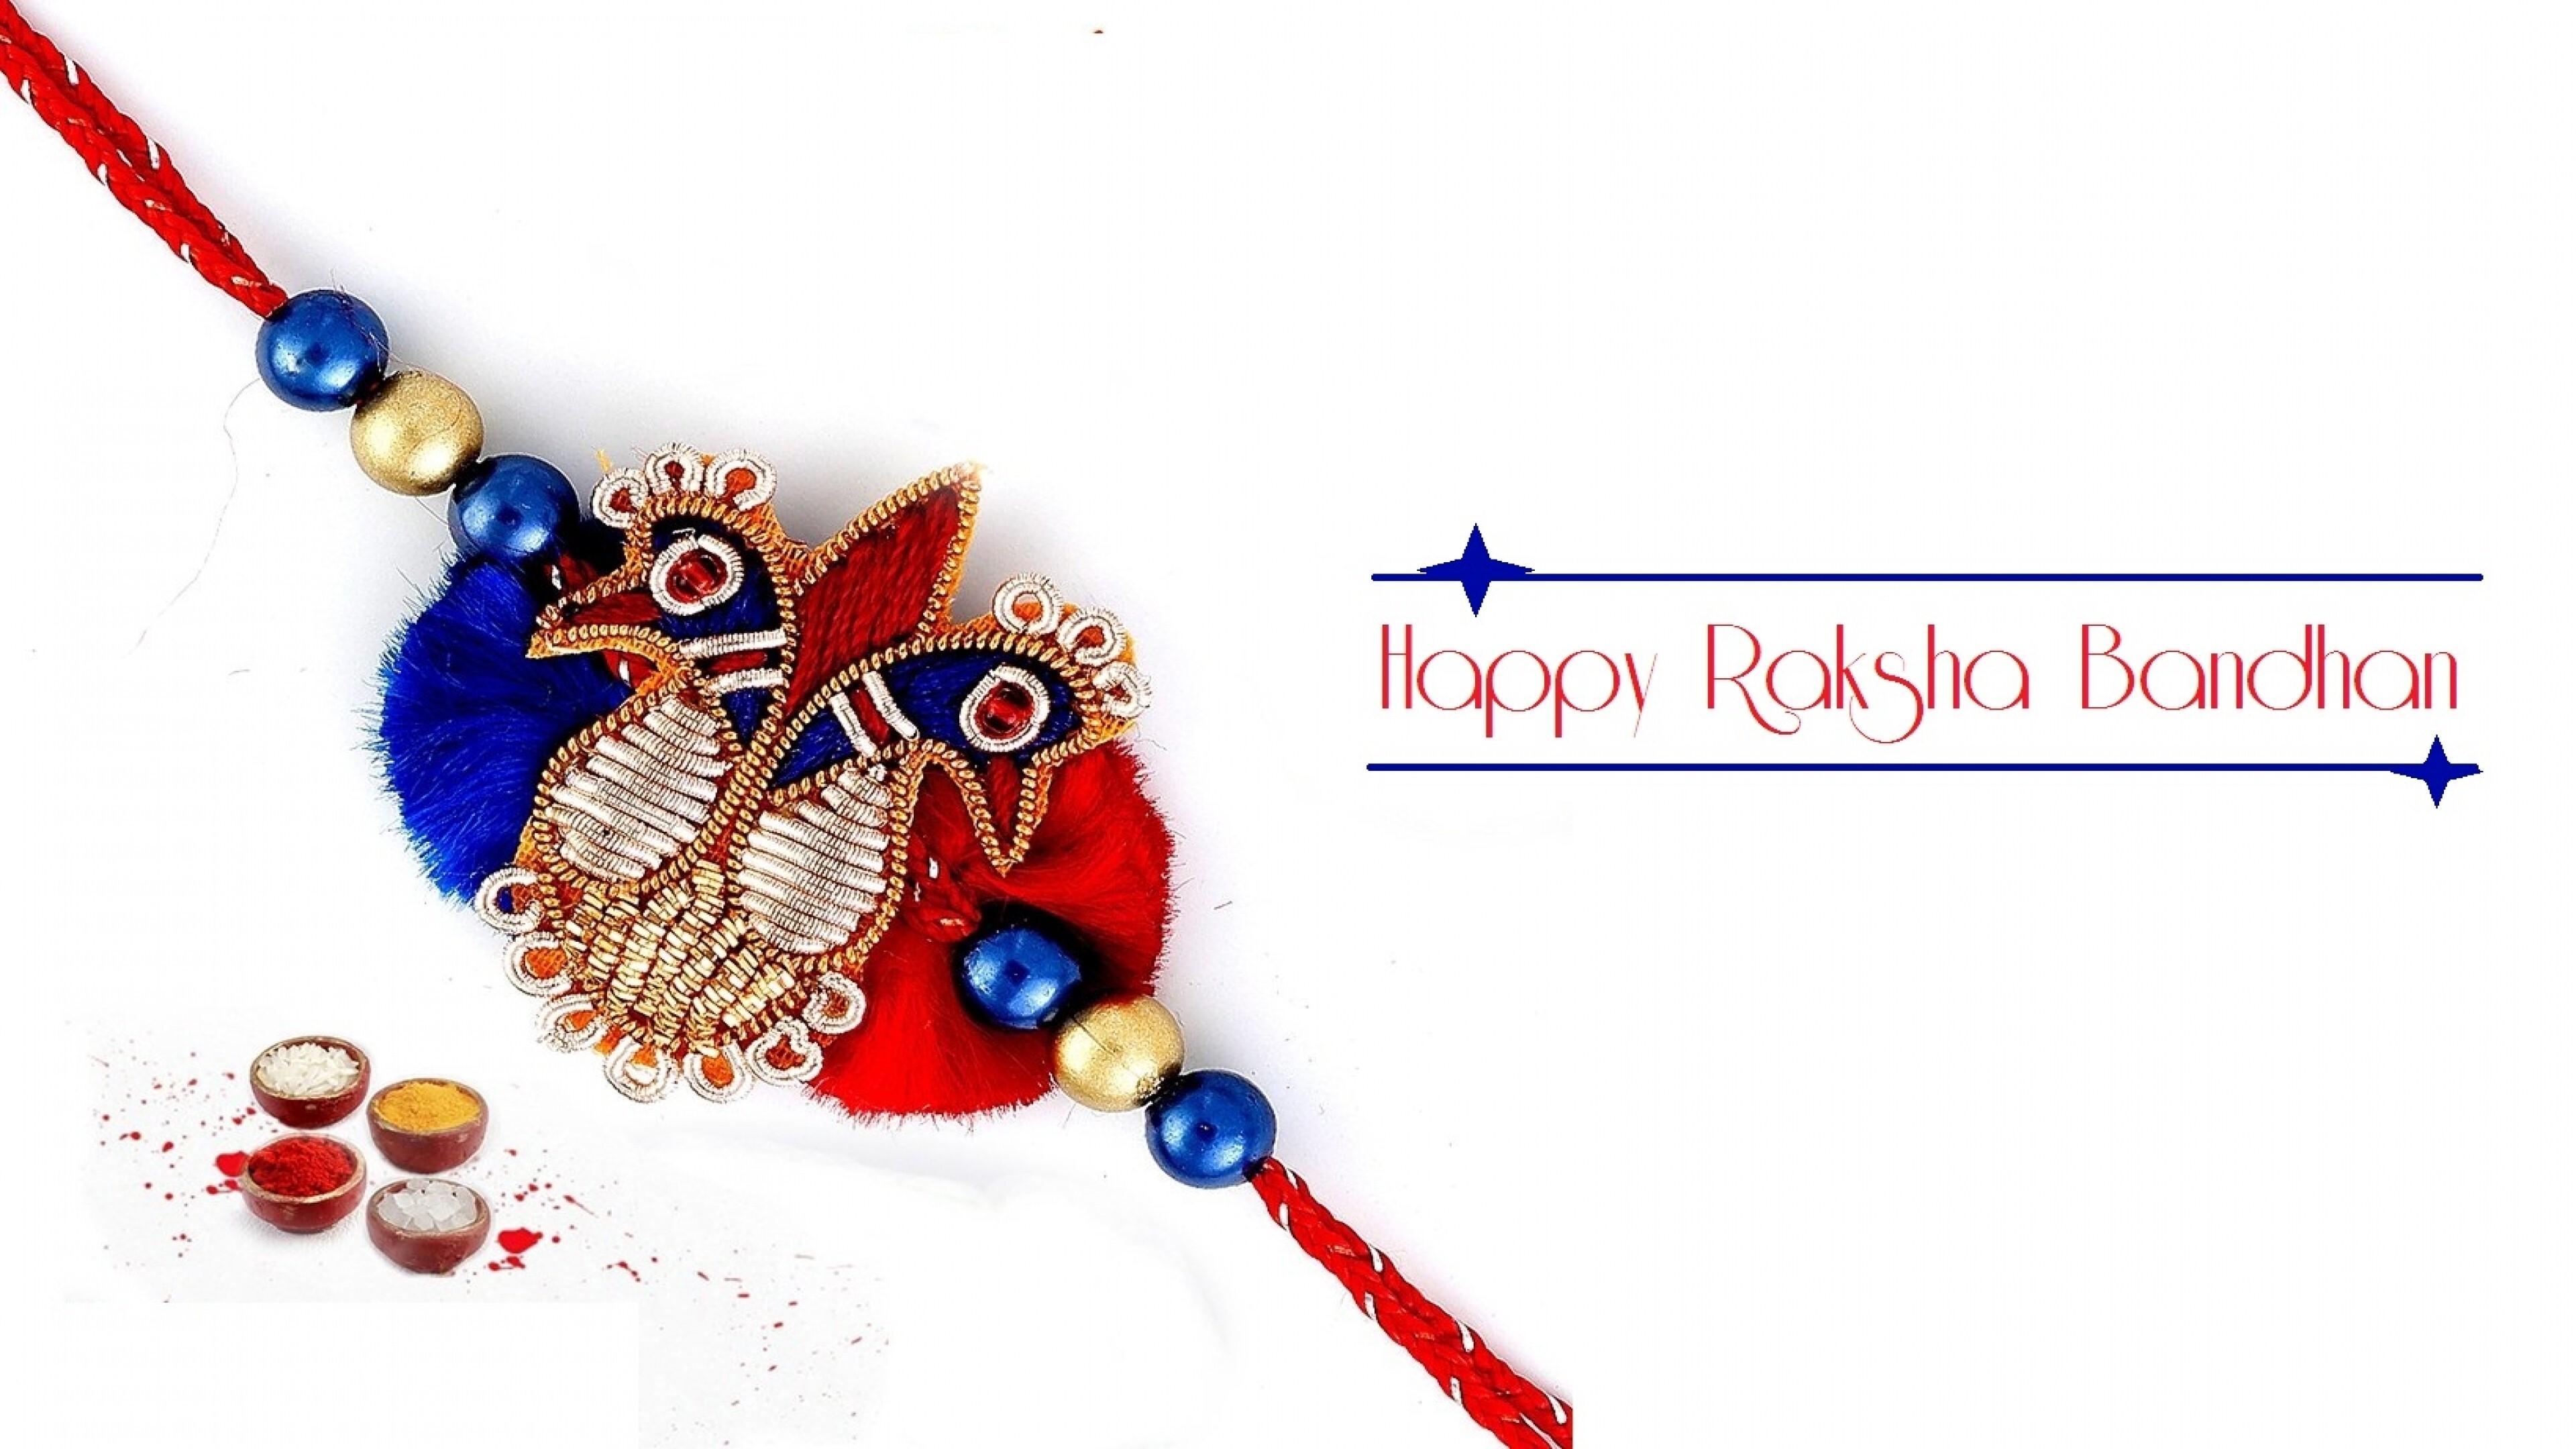 Happy Raksha Bandhan 2018 Hd Wallpapers Hd Wallpapers